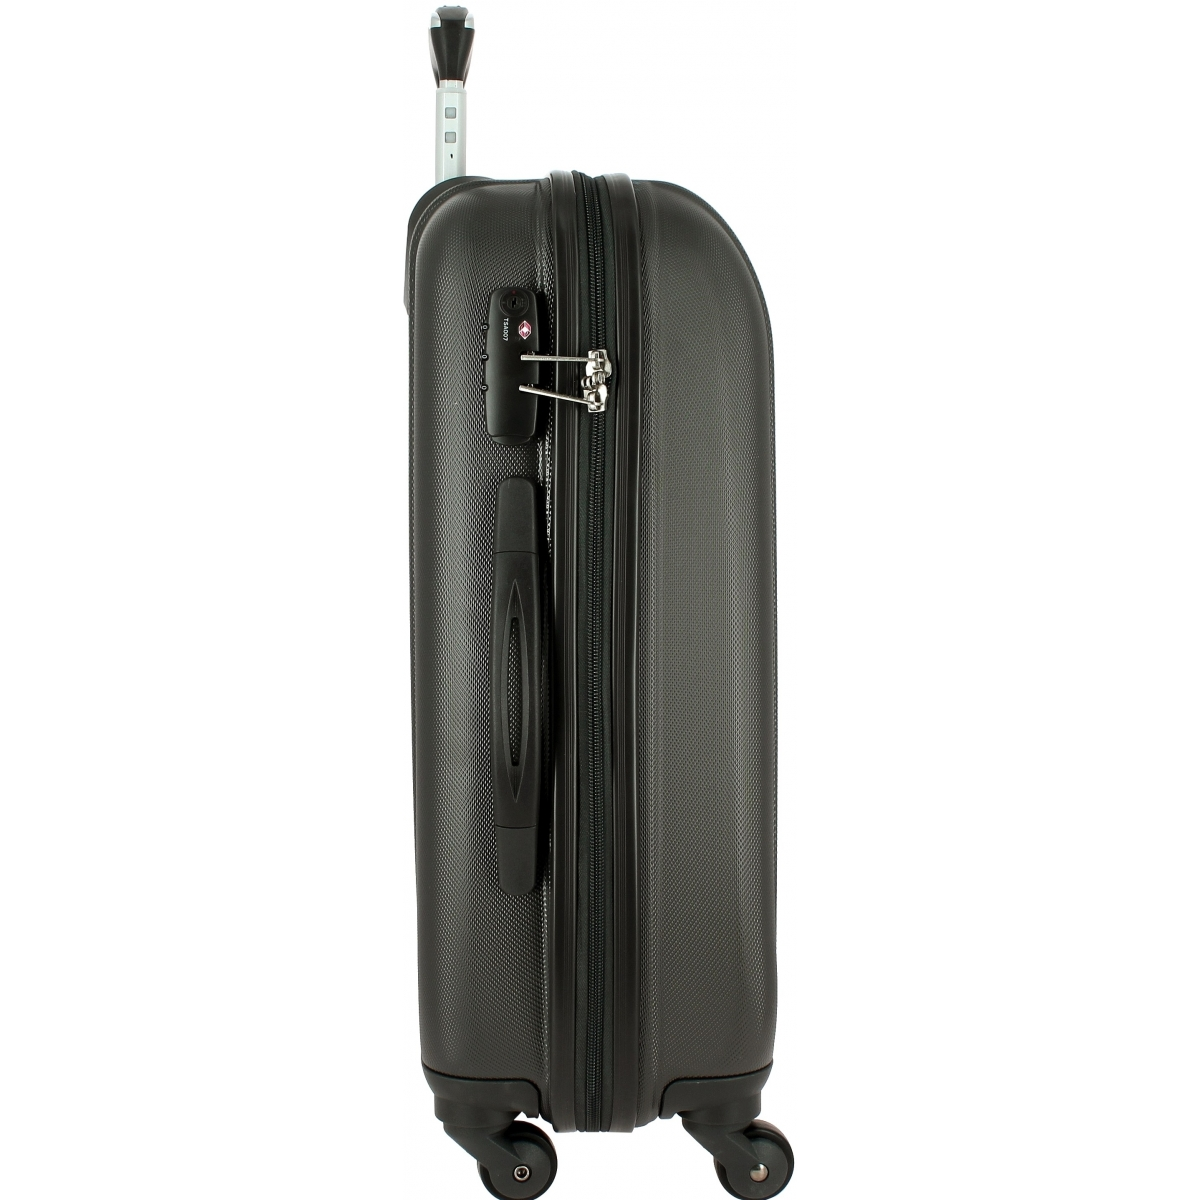 valise cabine delsey extendo 55cm extendo800 couleur principale beige fonc promotion. Black Bedroom Furniture Sets. Home Design Ideas